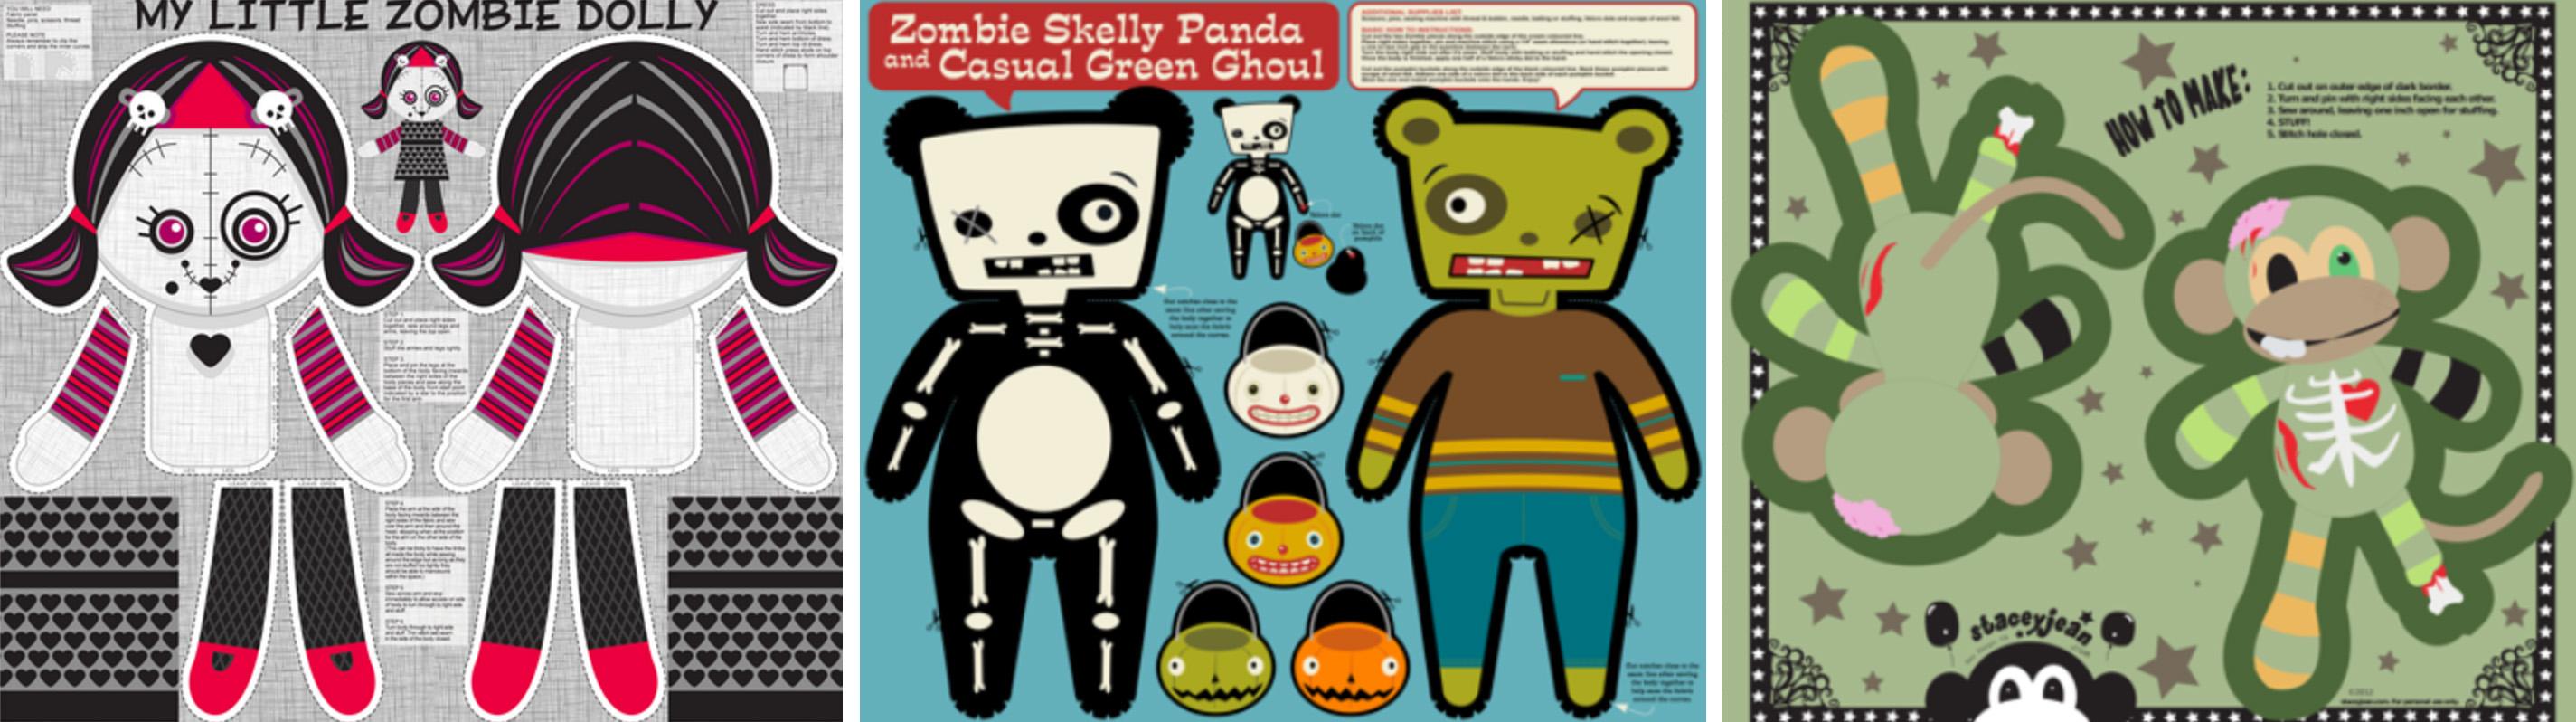 Zombie girl, zombie panda, and zombie monkey